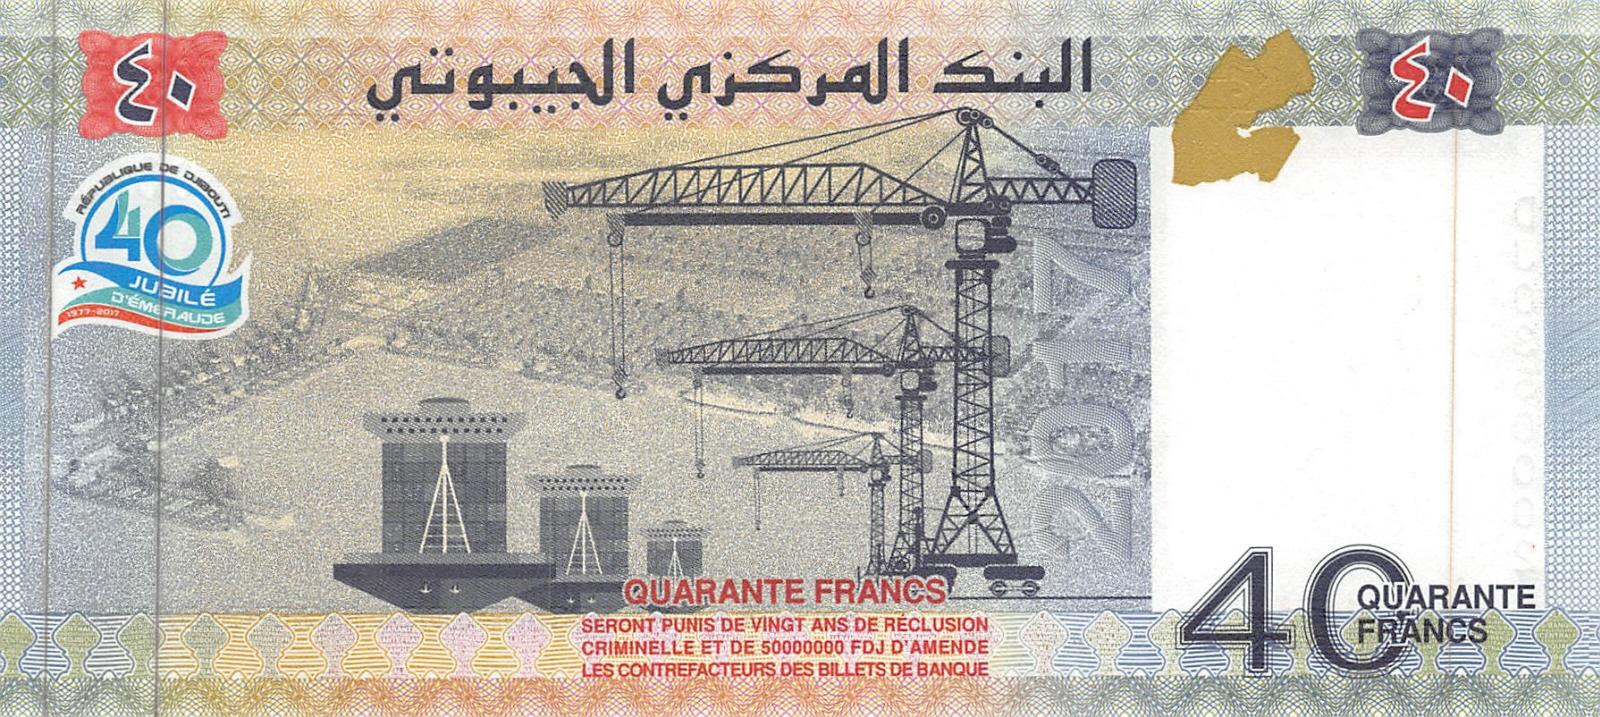 5 PCS CONSECUTIVE LOT Unc P-New Djibouti 40 Francs 2017 Comm. 40/'th Aniv